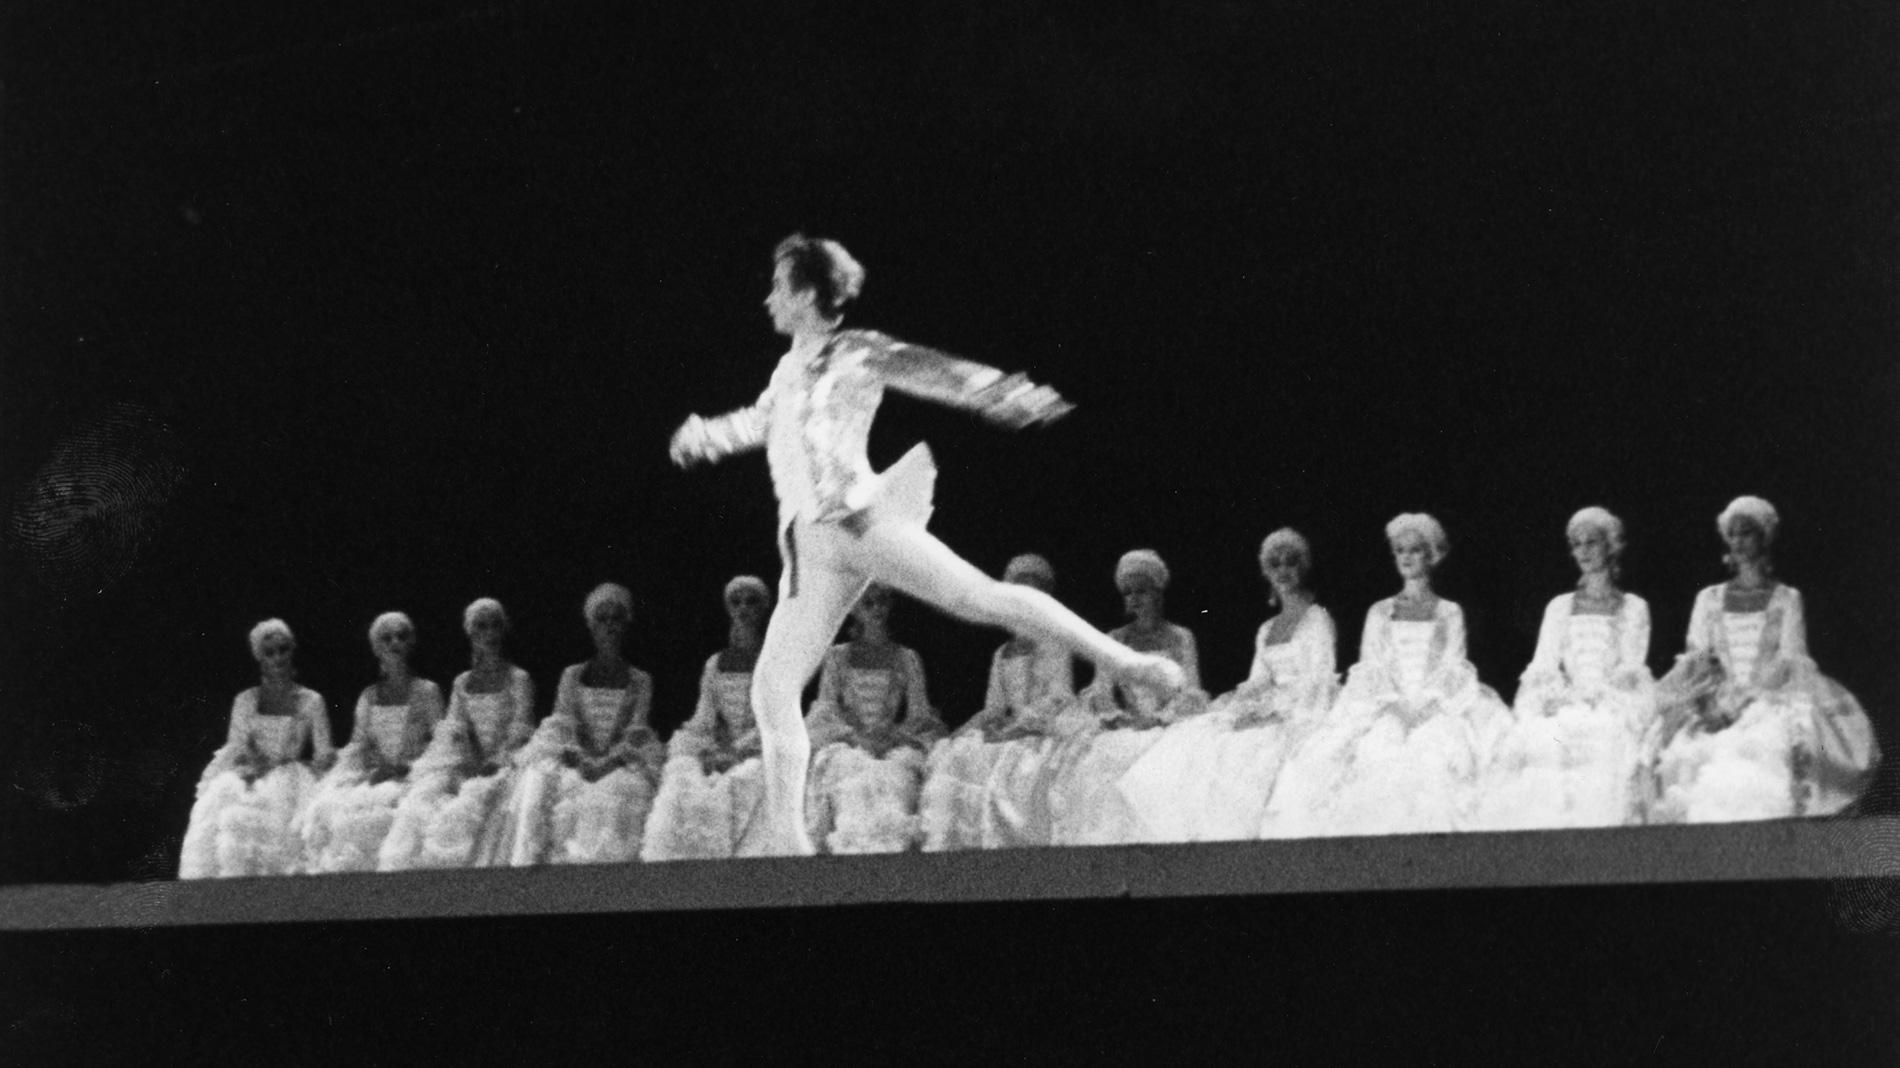 El Teatro Bolshói estrena el ballet sobre la vida del bailarín Rudolf Nureyev